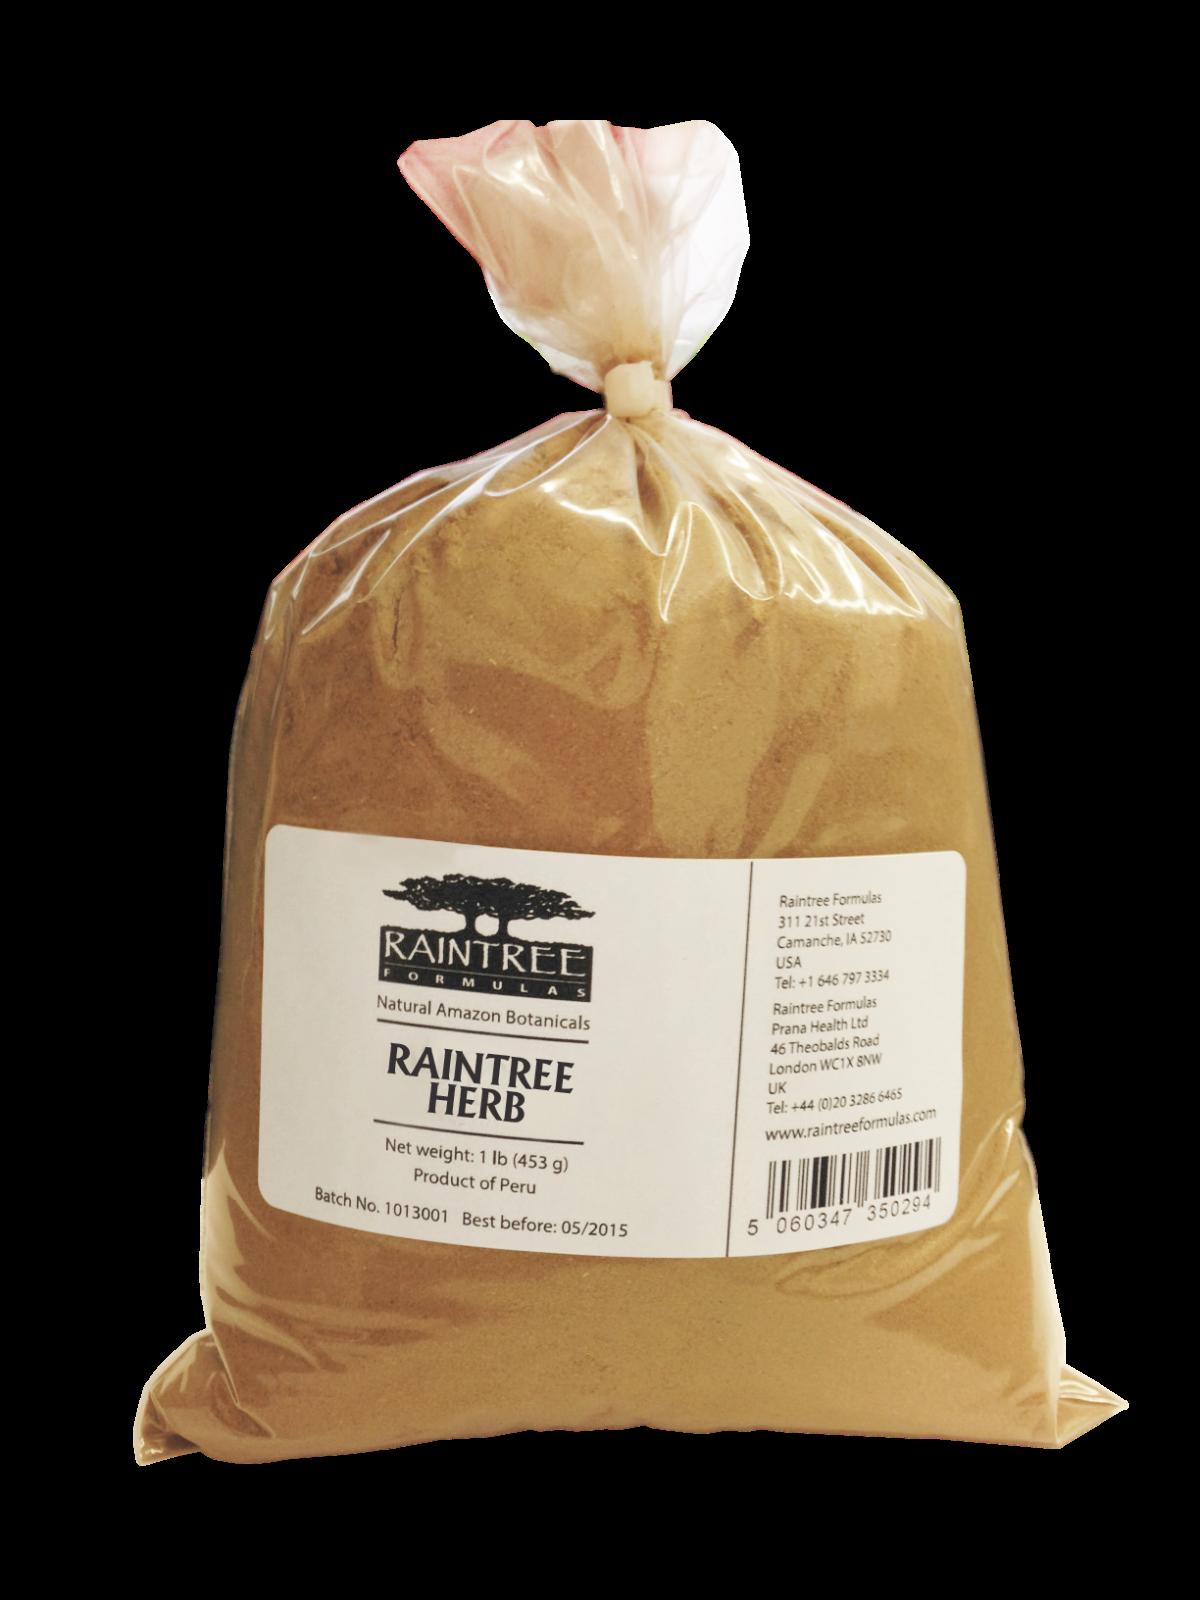 Raintree Chanca Piedra Powder 1lb